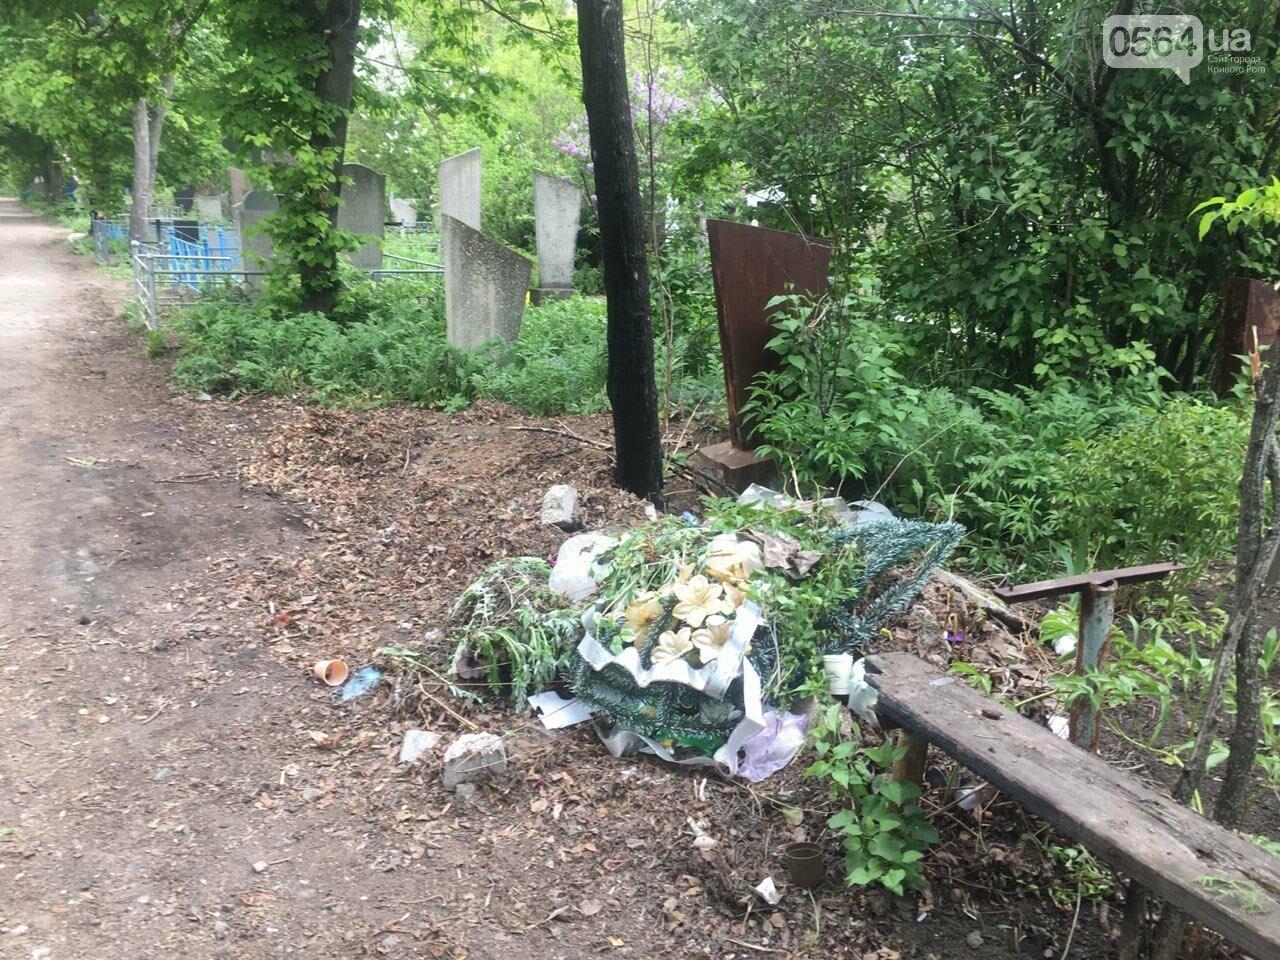 За неделю с кладбищ Кривого Рога вывезли порядка 8 тысяч кубов мусора, - ФОТО , фото-7